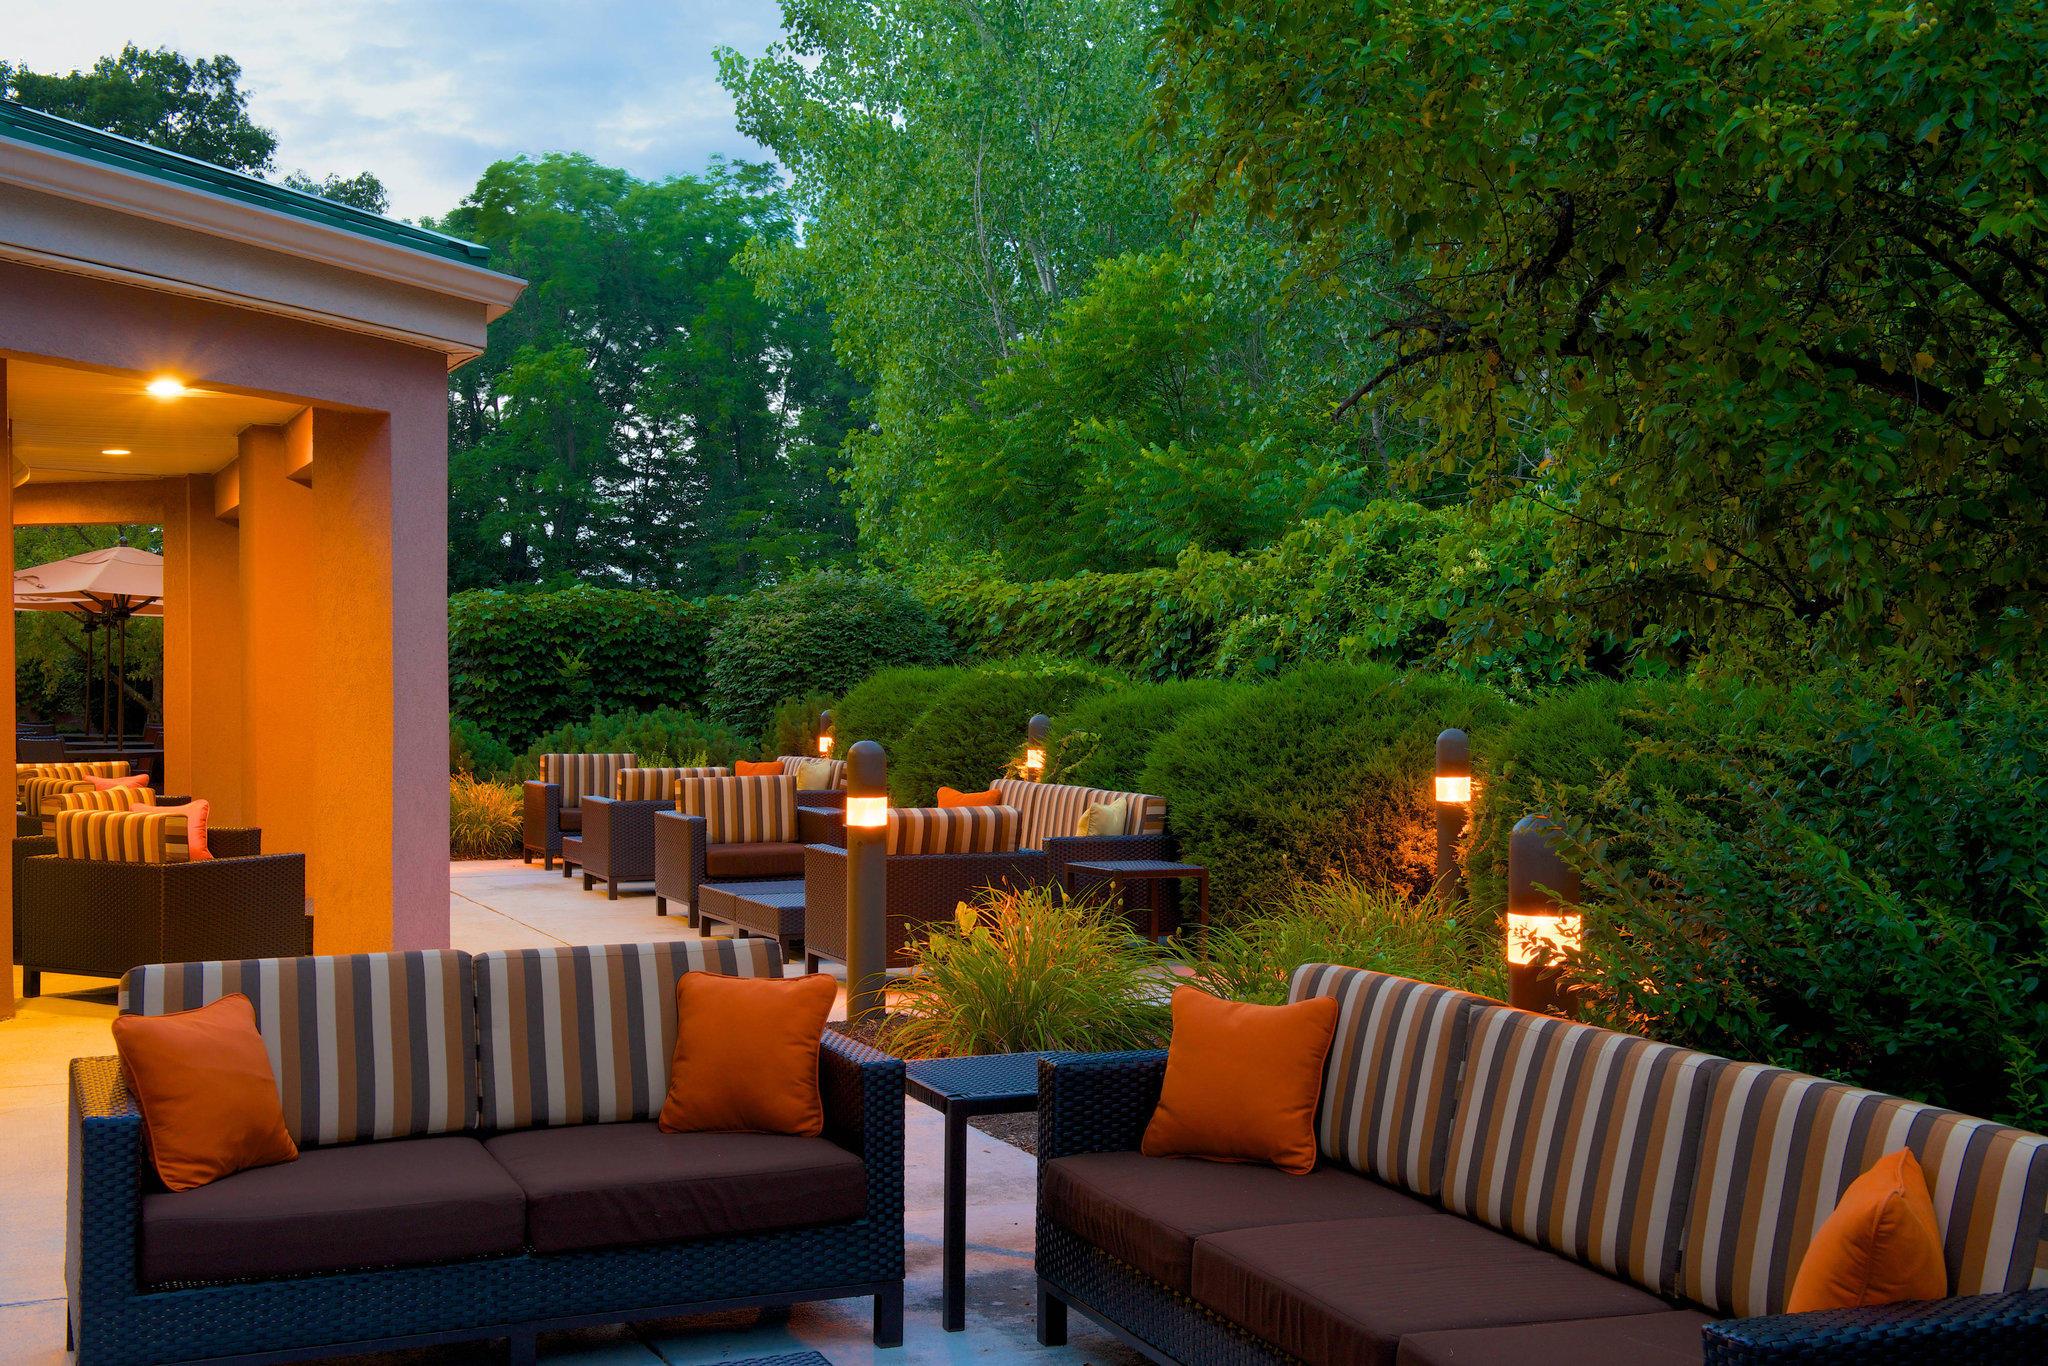 Courtyard by Marriott Columbus Tipton Lakes